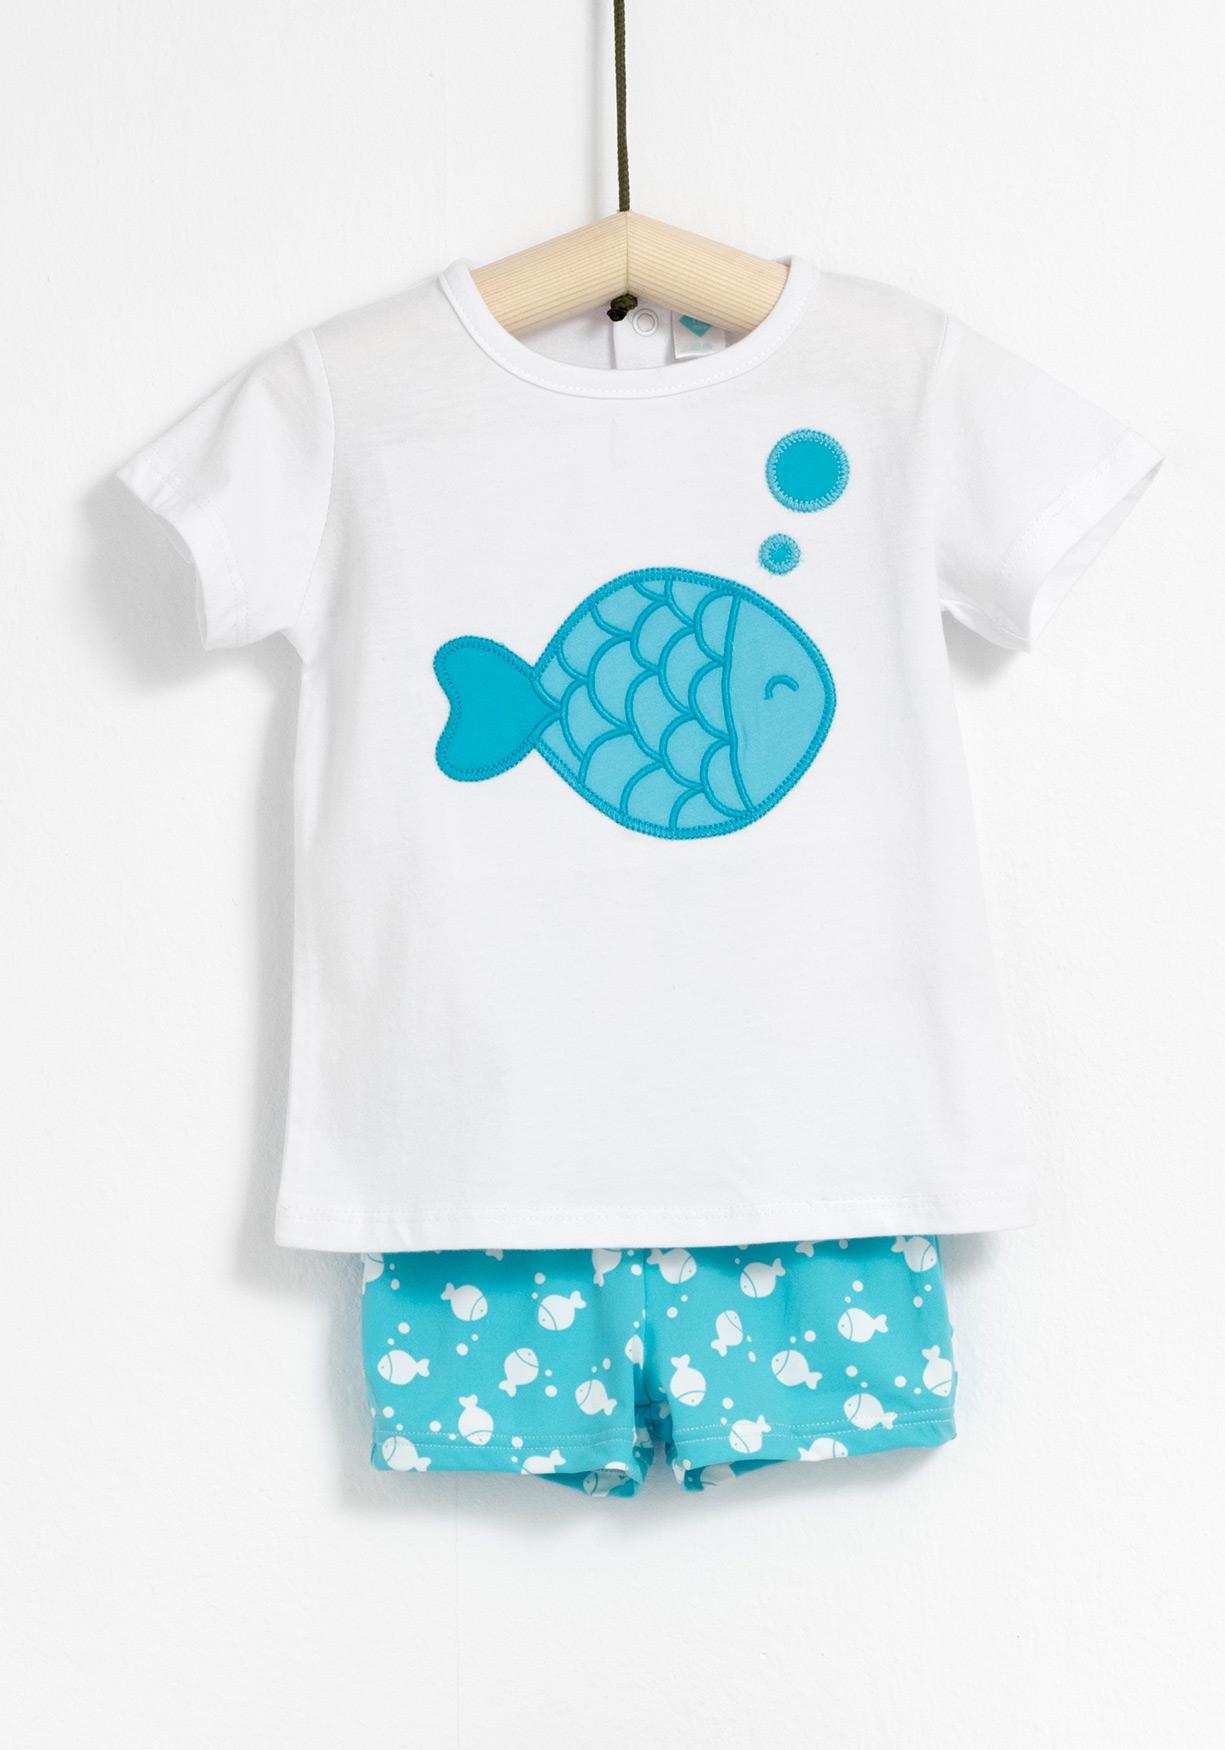 c7d31a10d8cd Comprar Conjunto camiseta y bañador bóxer TEX. ¡Aprovéchate de ...